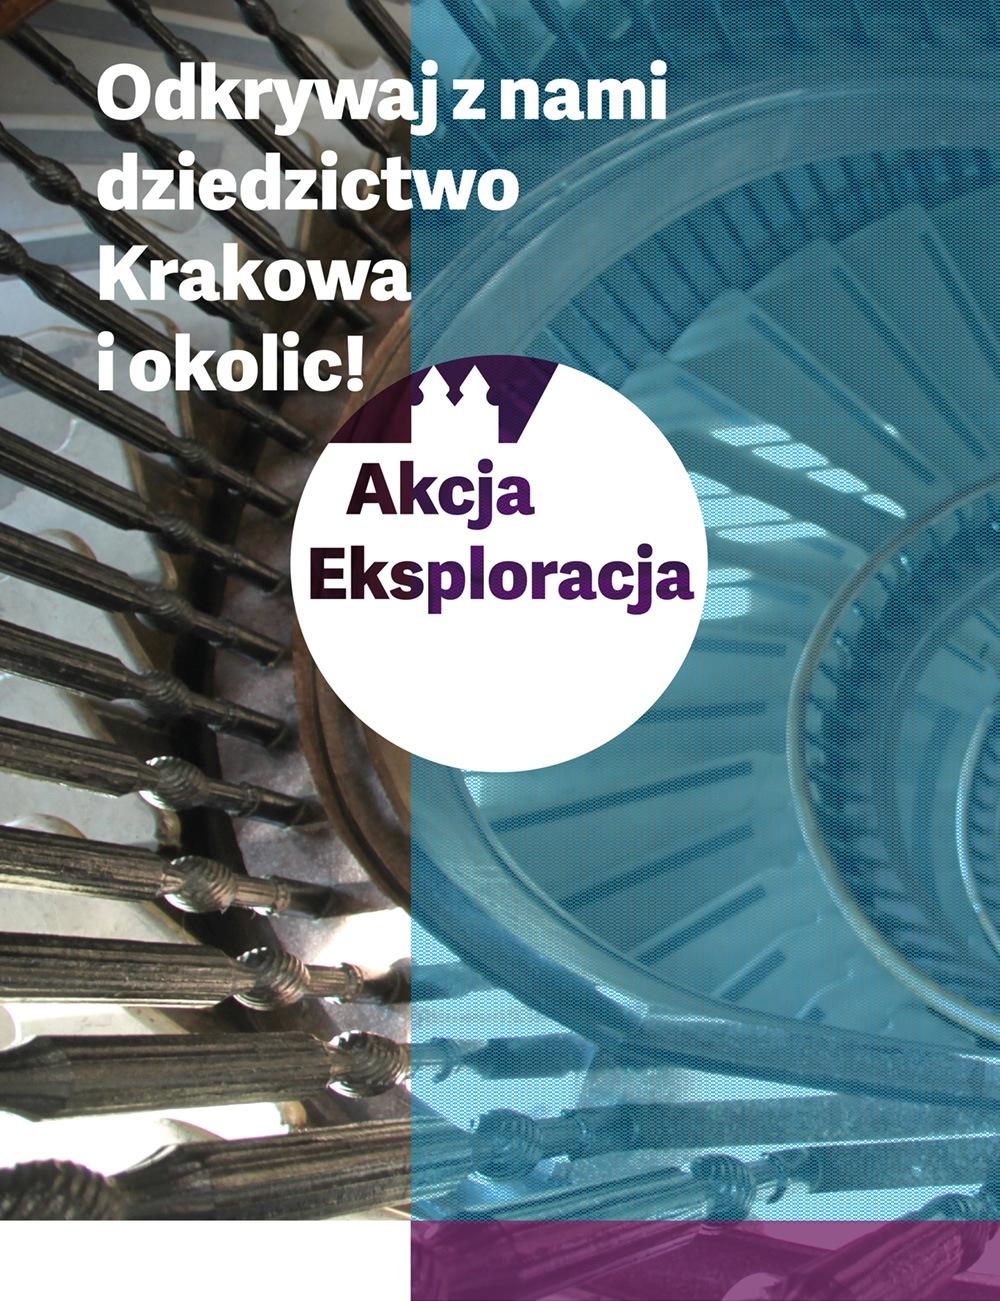 Akcja Eksploracja – plakat (źródło: materiały prasowe organizatora)